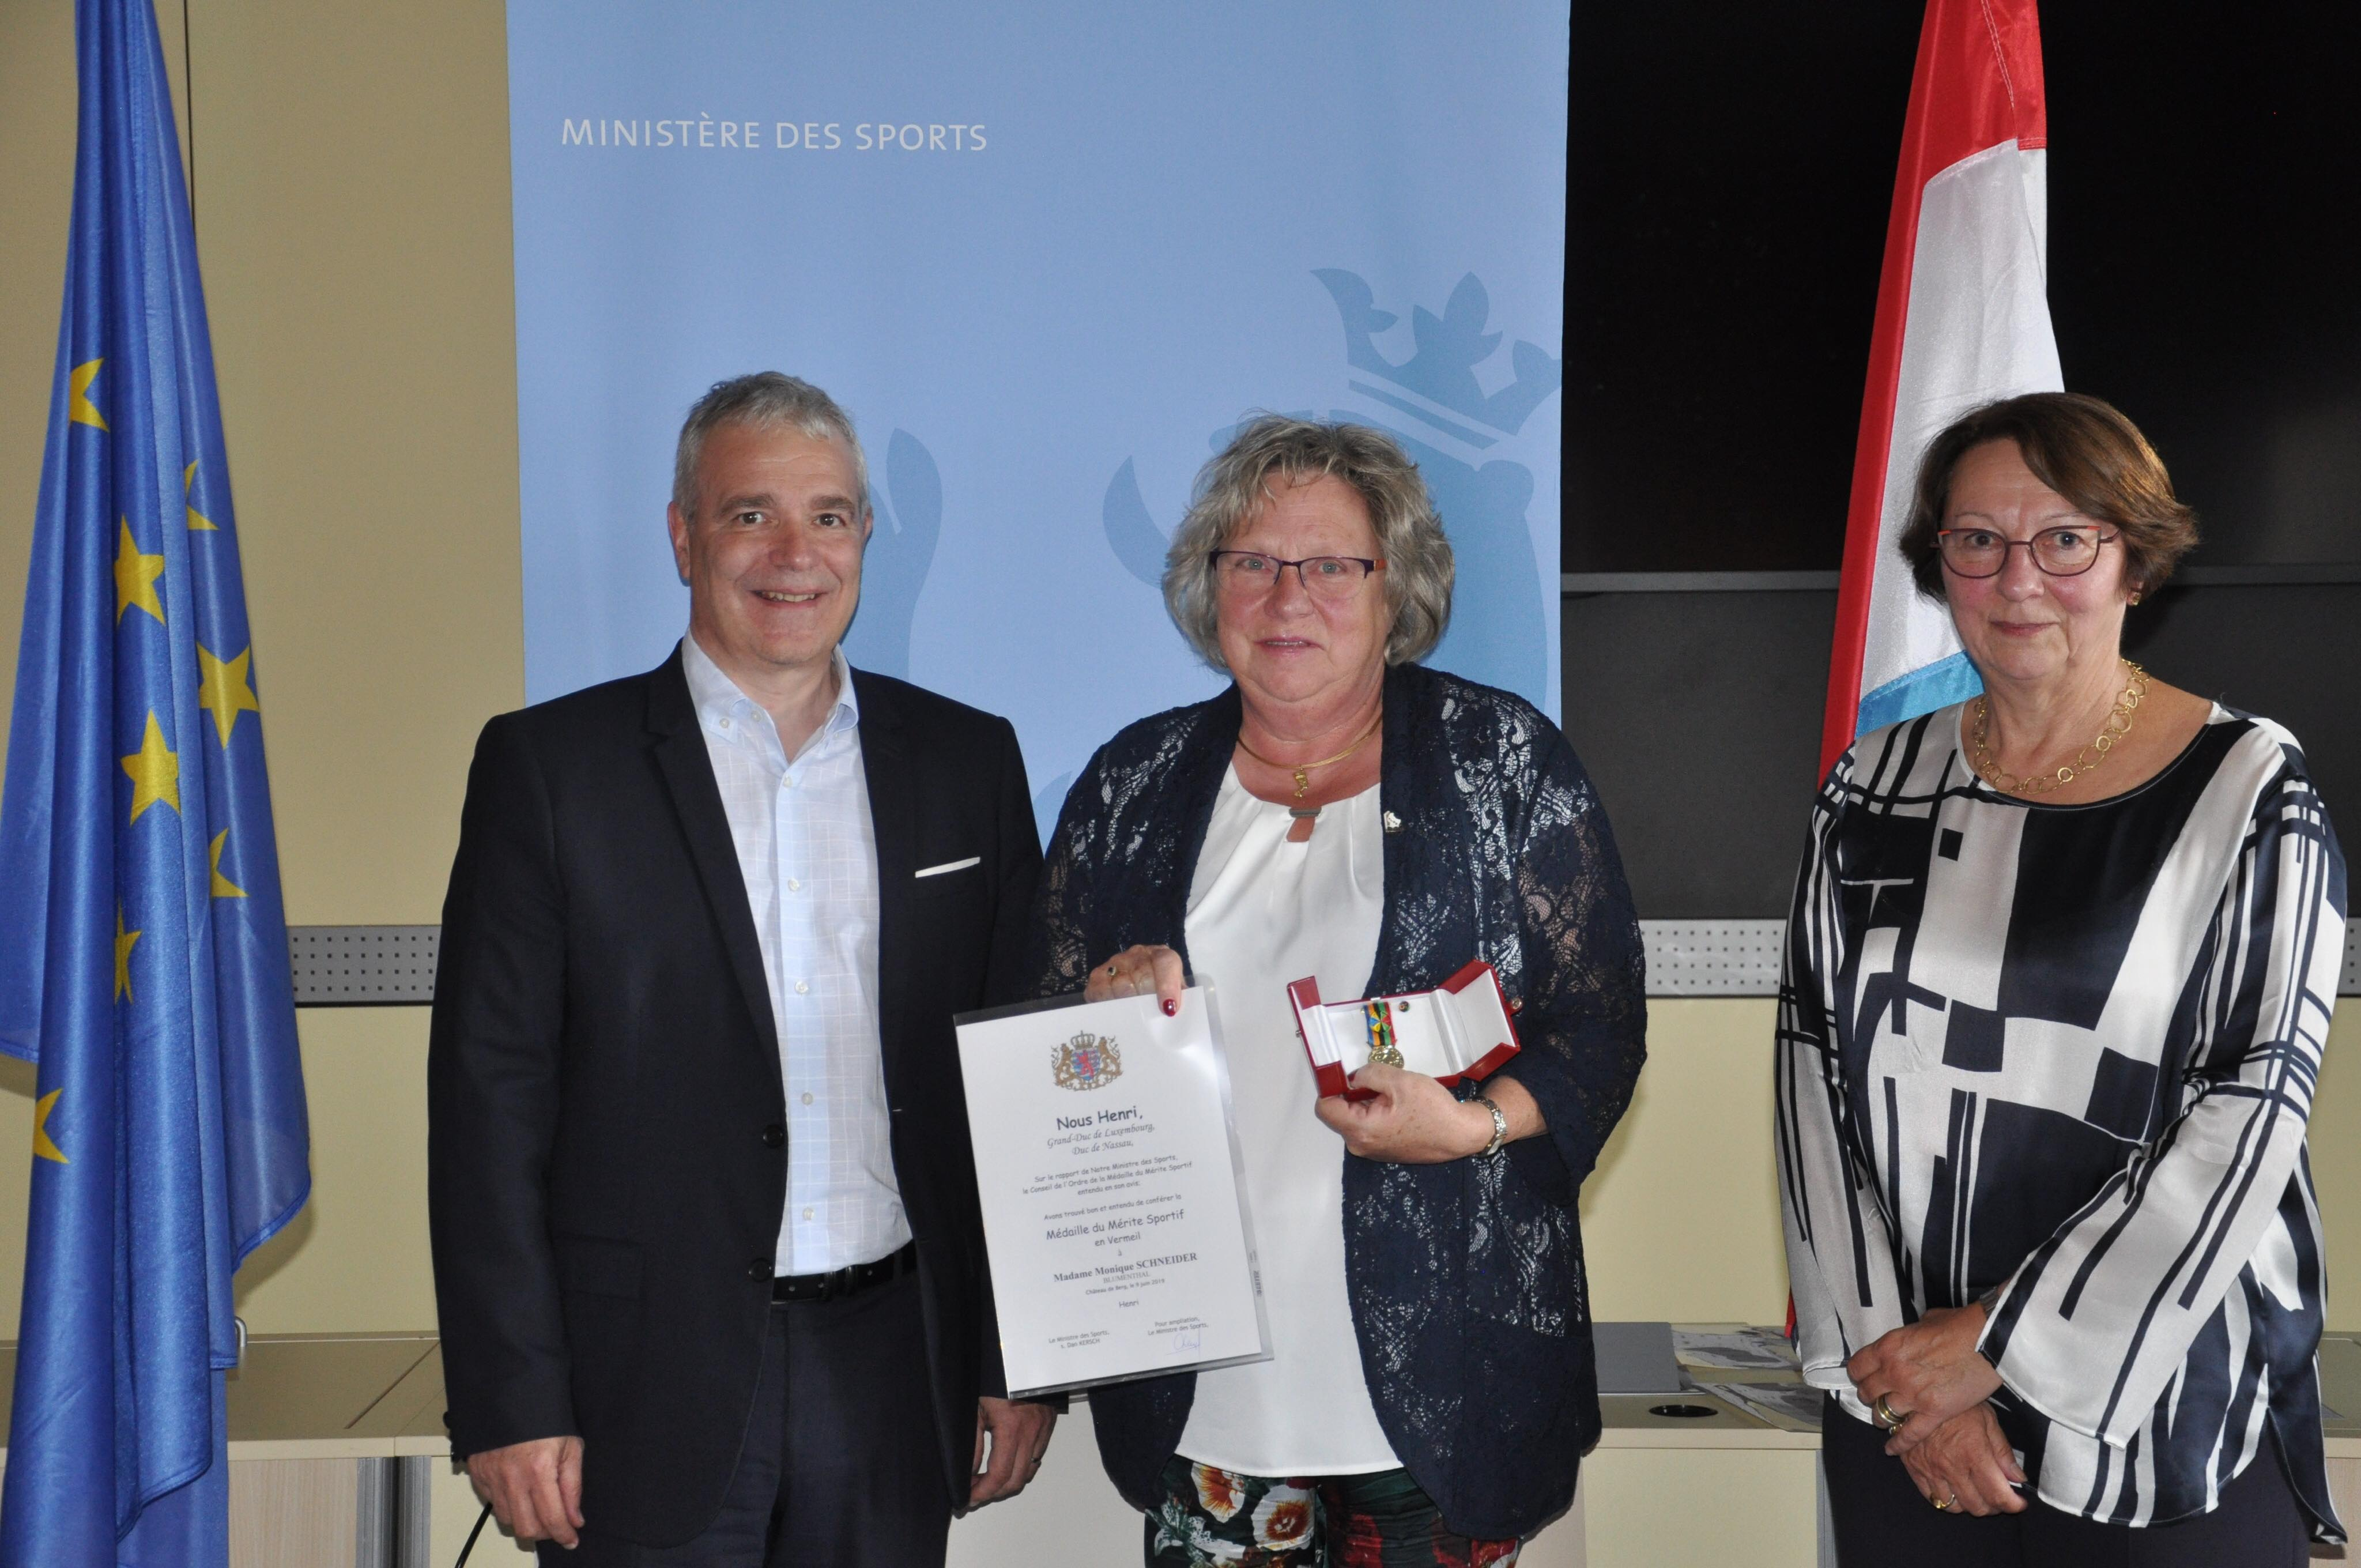 Monique Scheier awarded